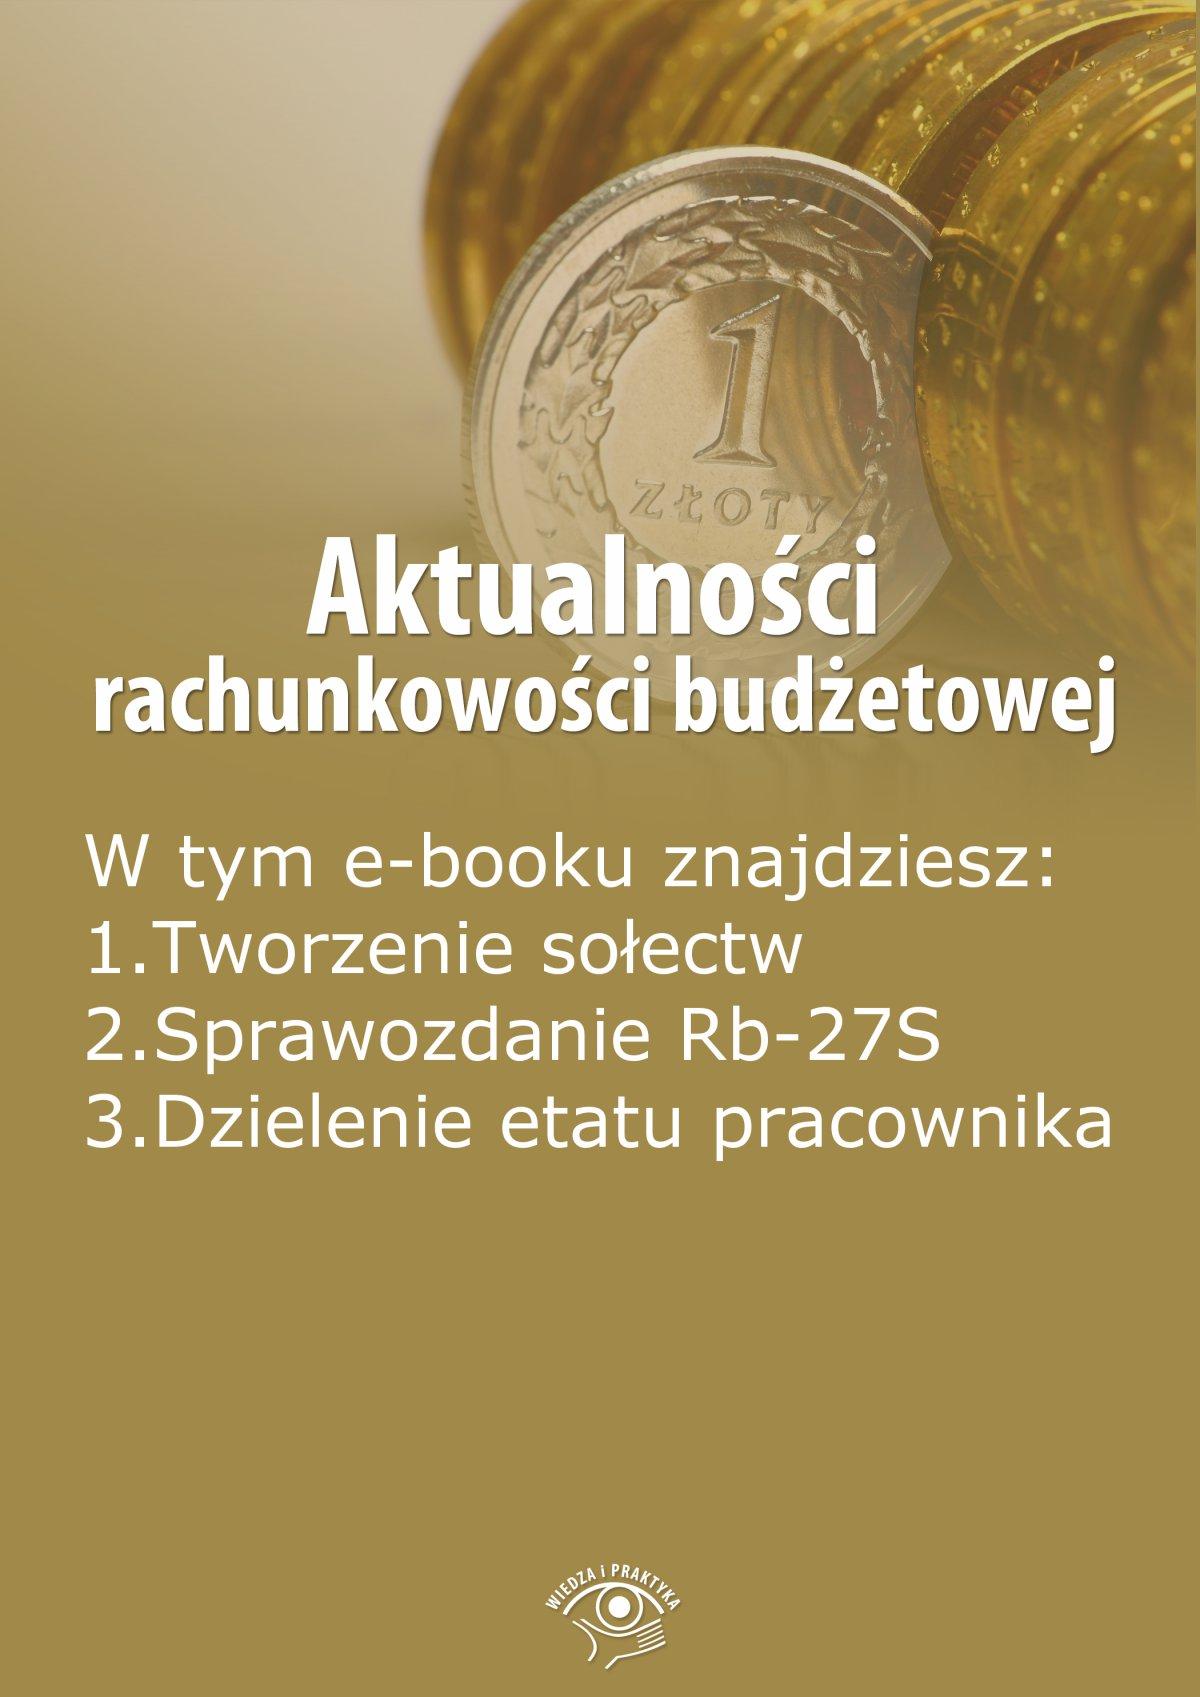 Aktualności rachunkowości budżetowej, wydanie maj 2014 r. - Ebook (Książka EPUB) do pobrania w formacie EPUB